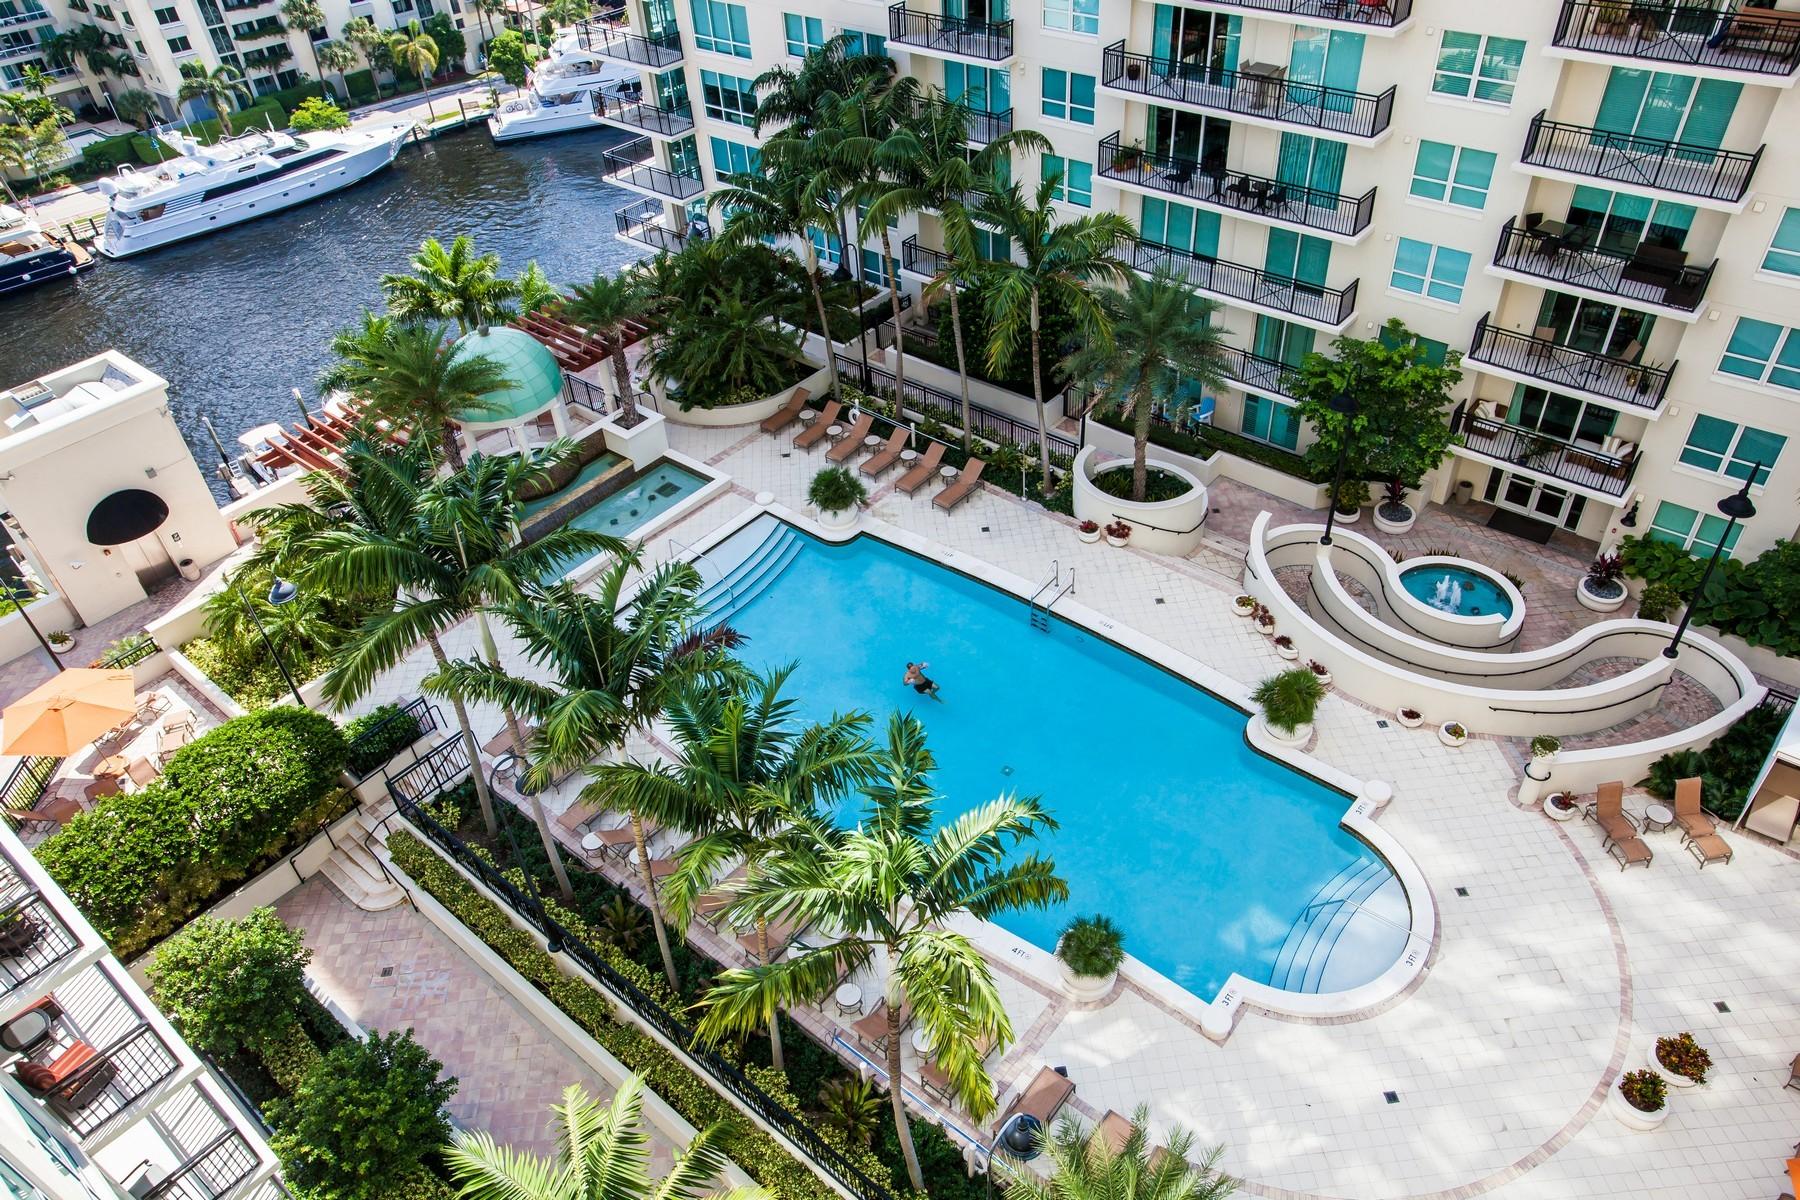 pour l Vente à 610 W Las Olas Bl #1519N 610 W Las Olas Bl 1519N Fort Lauderdale, Florida, 33312 États-Unis